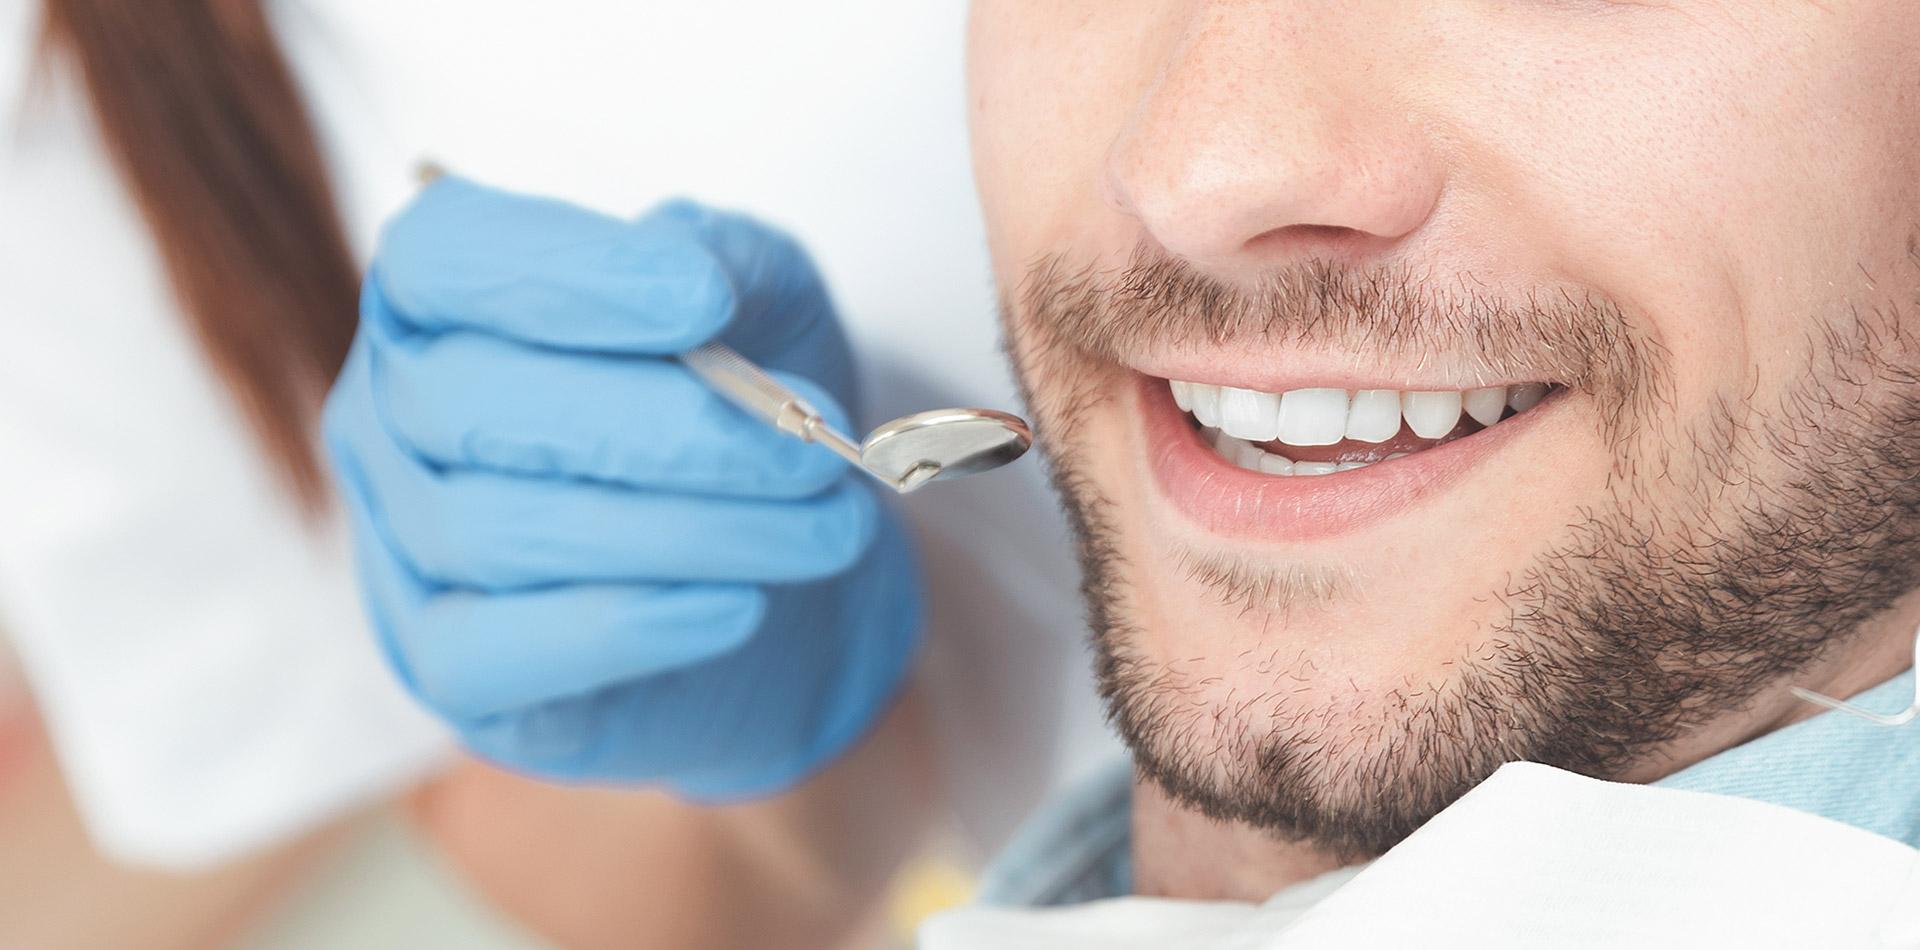 Kalkberg Zahnärzte Bad Segeberg Erwachsenen-Zahnheilkunde Zahnmedizin